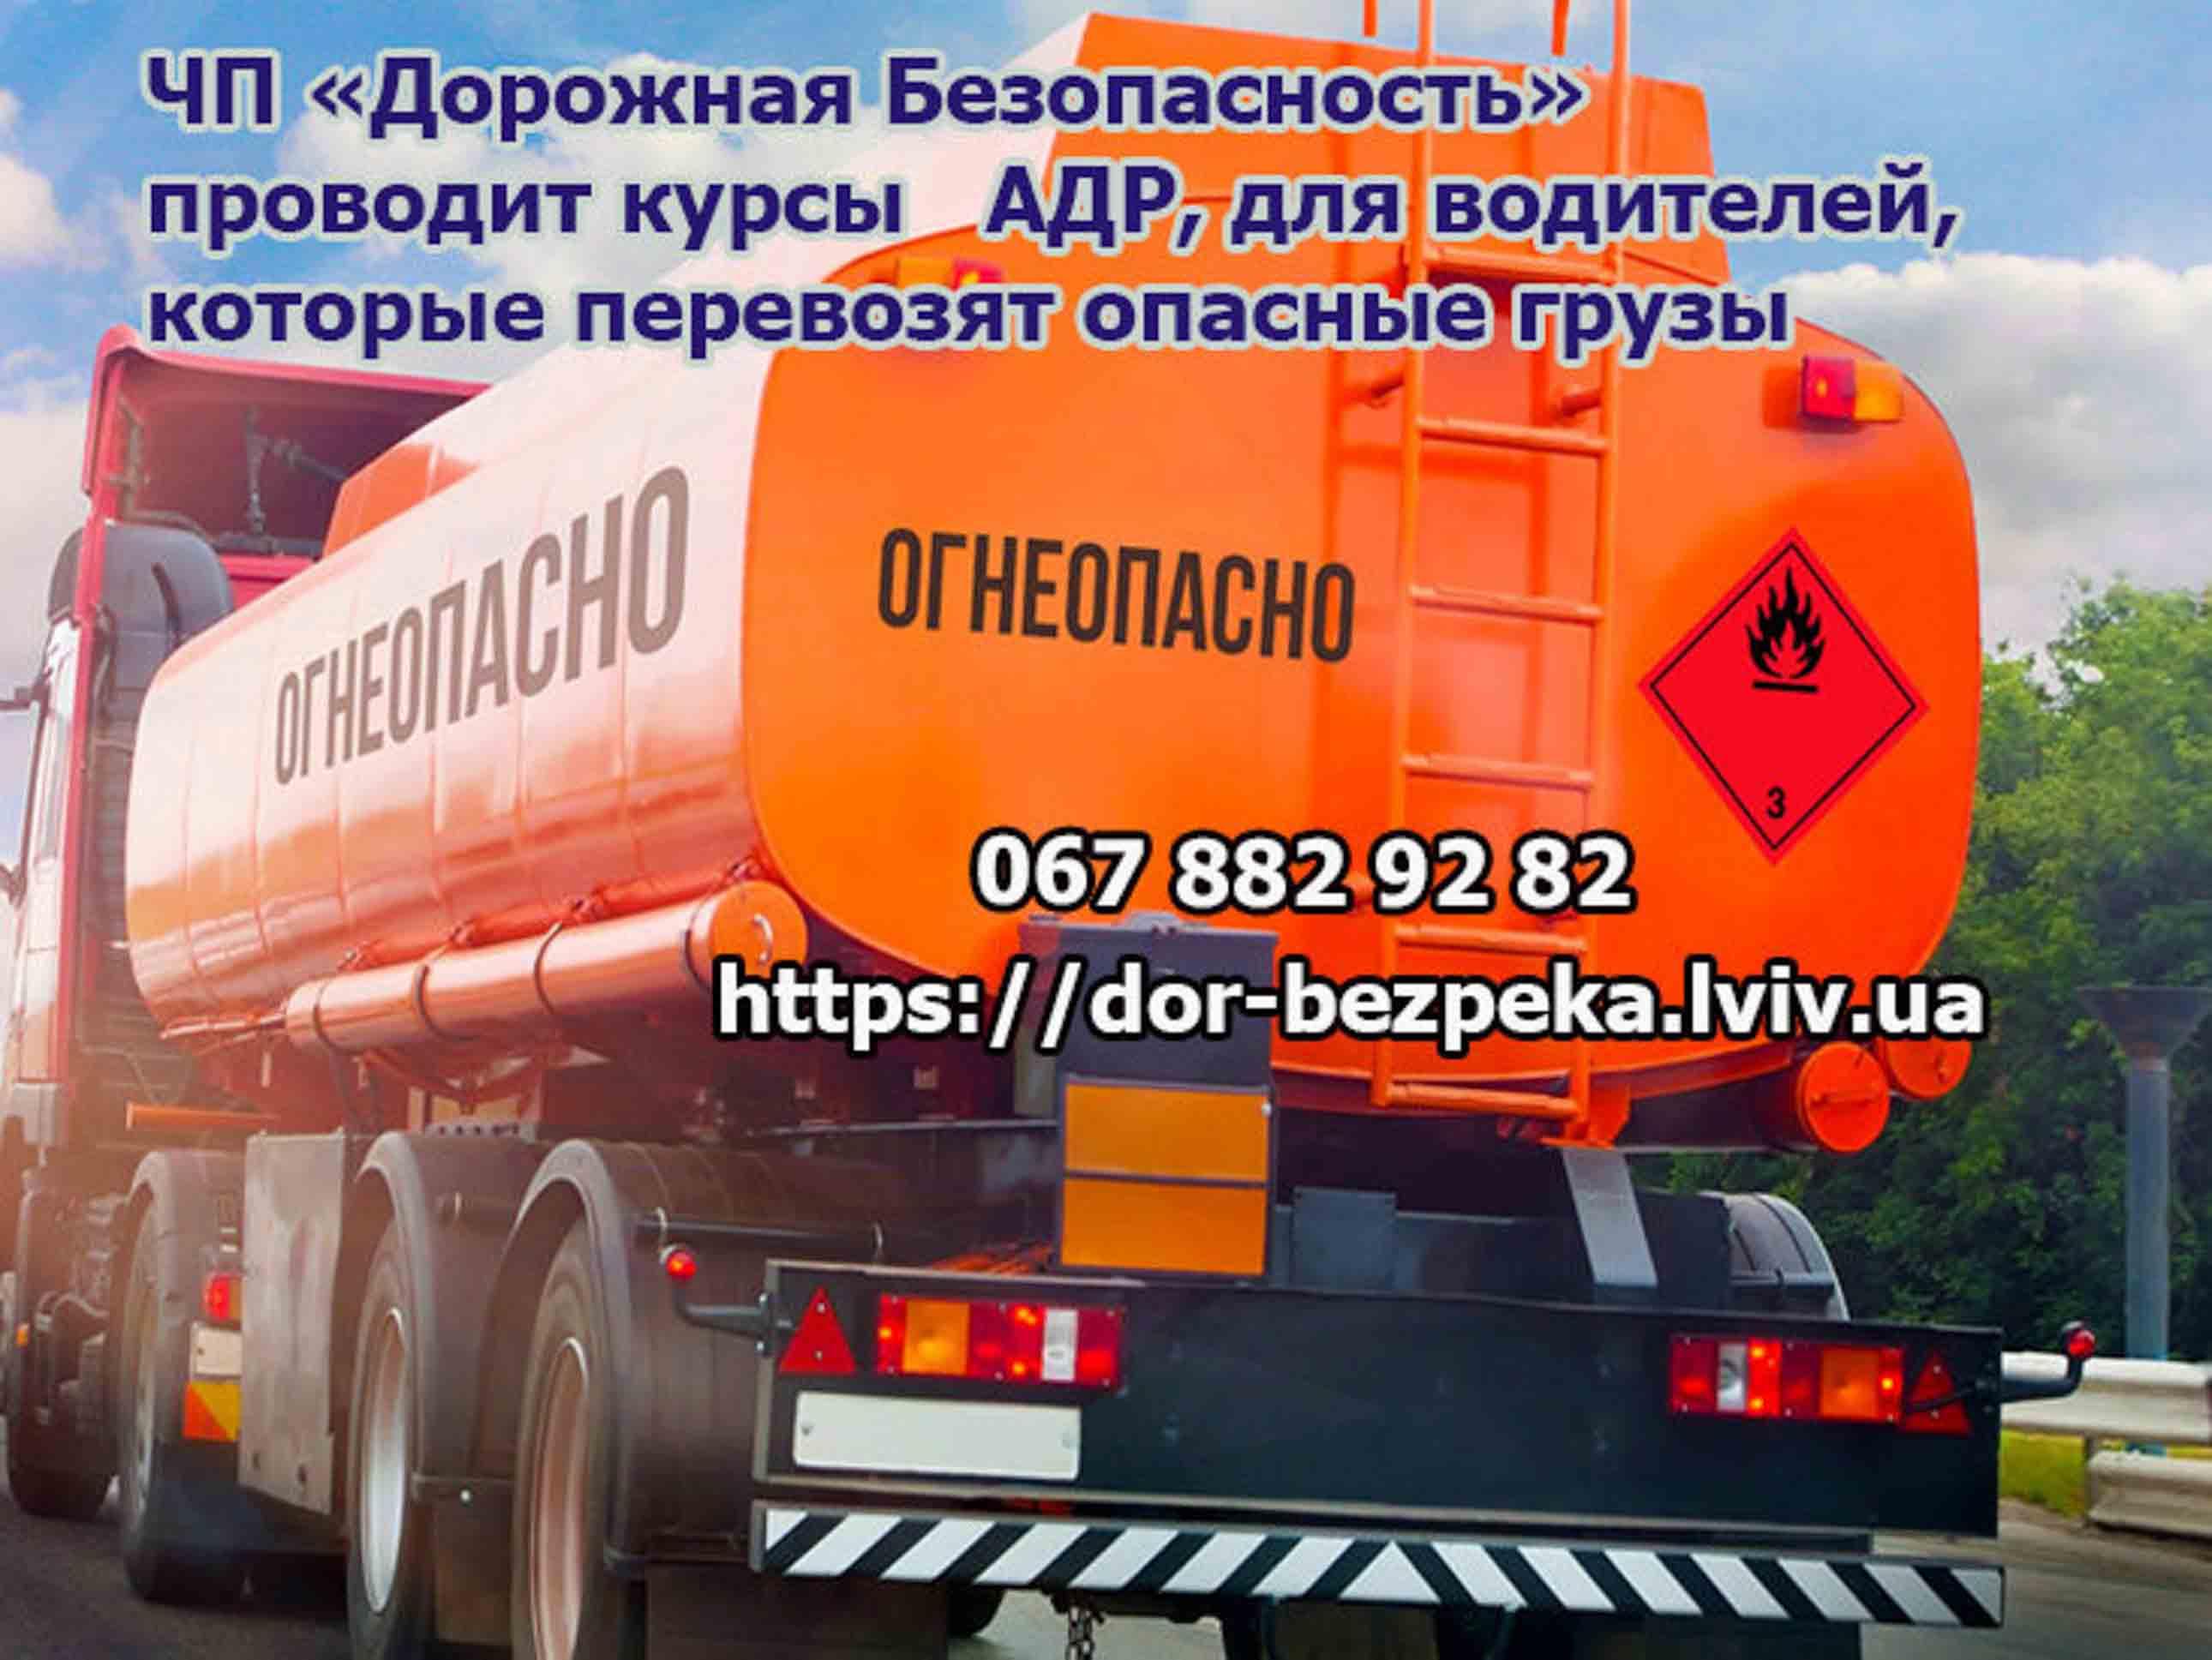 Перевозка опасных грузов ADR курсы (ДОПОГ)  фото 1